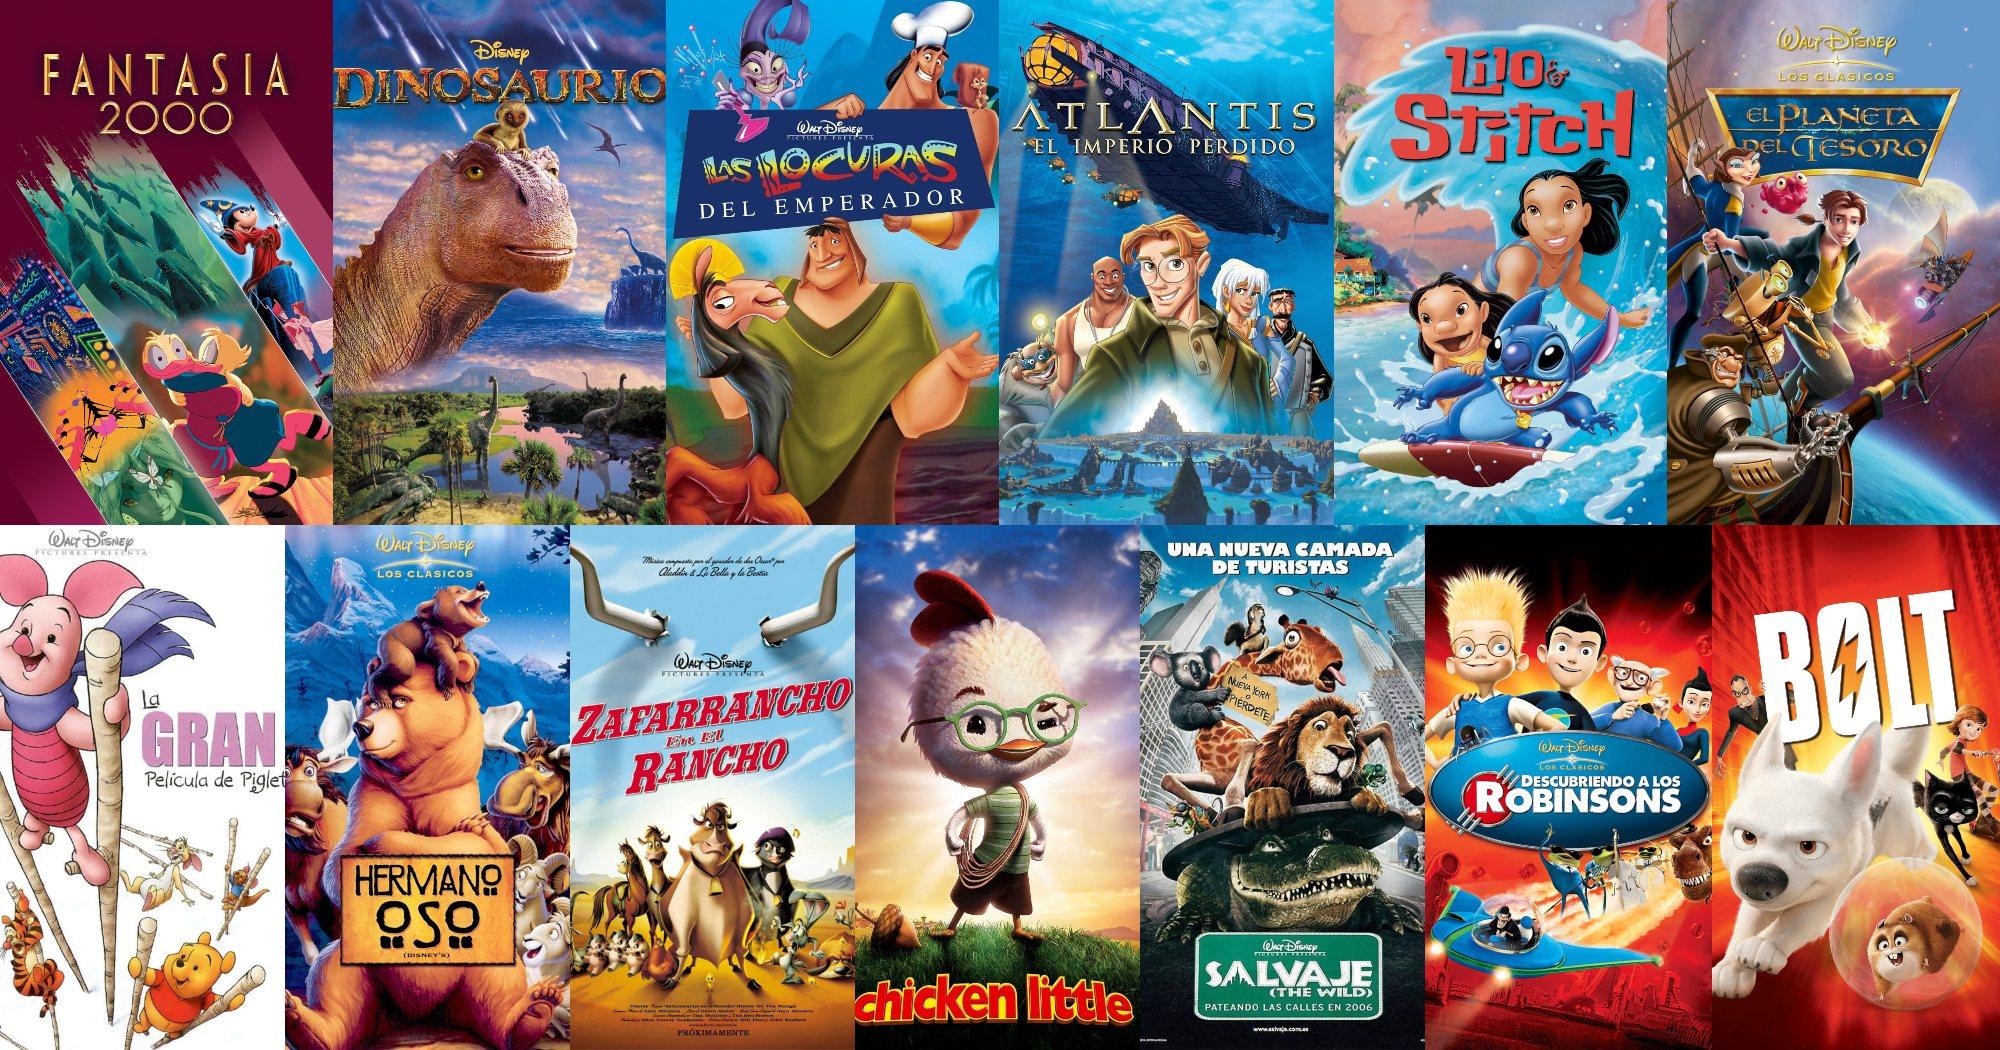 Segunda Etapa Oscura o Post-Renacimiento Disney (1999 - 2008)